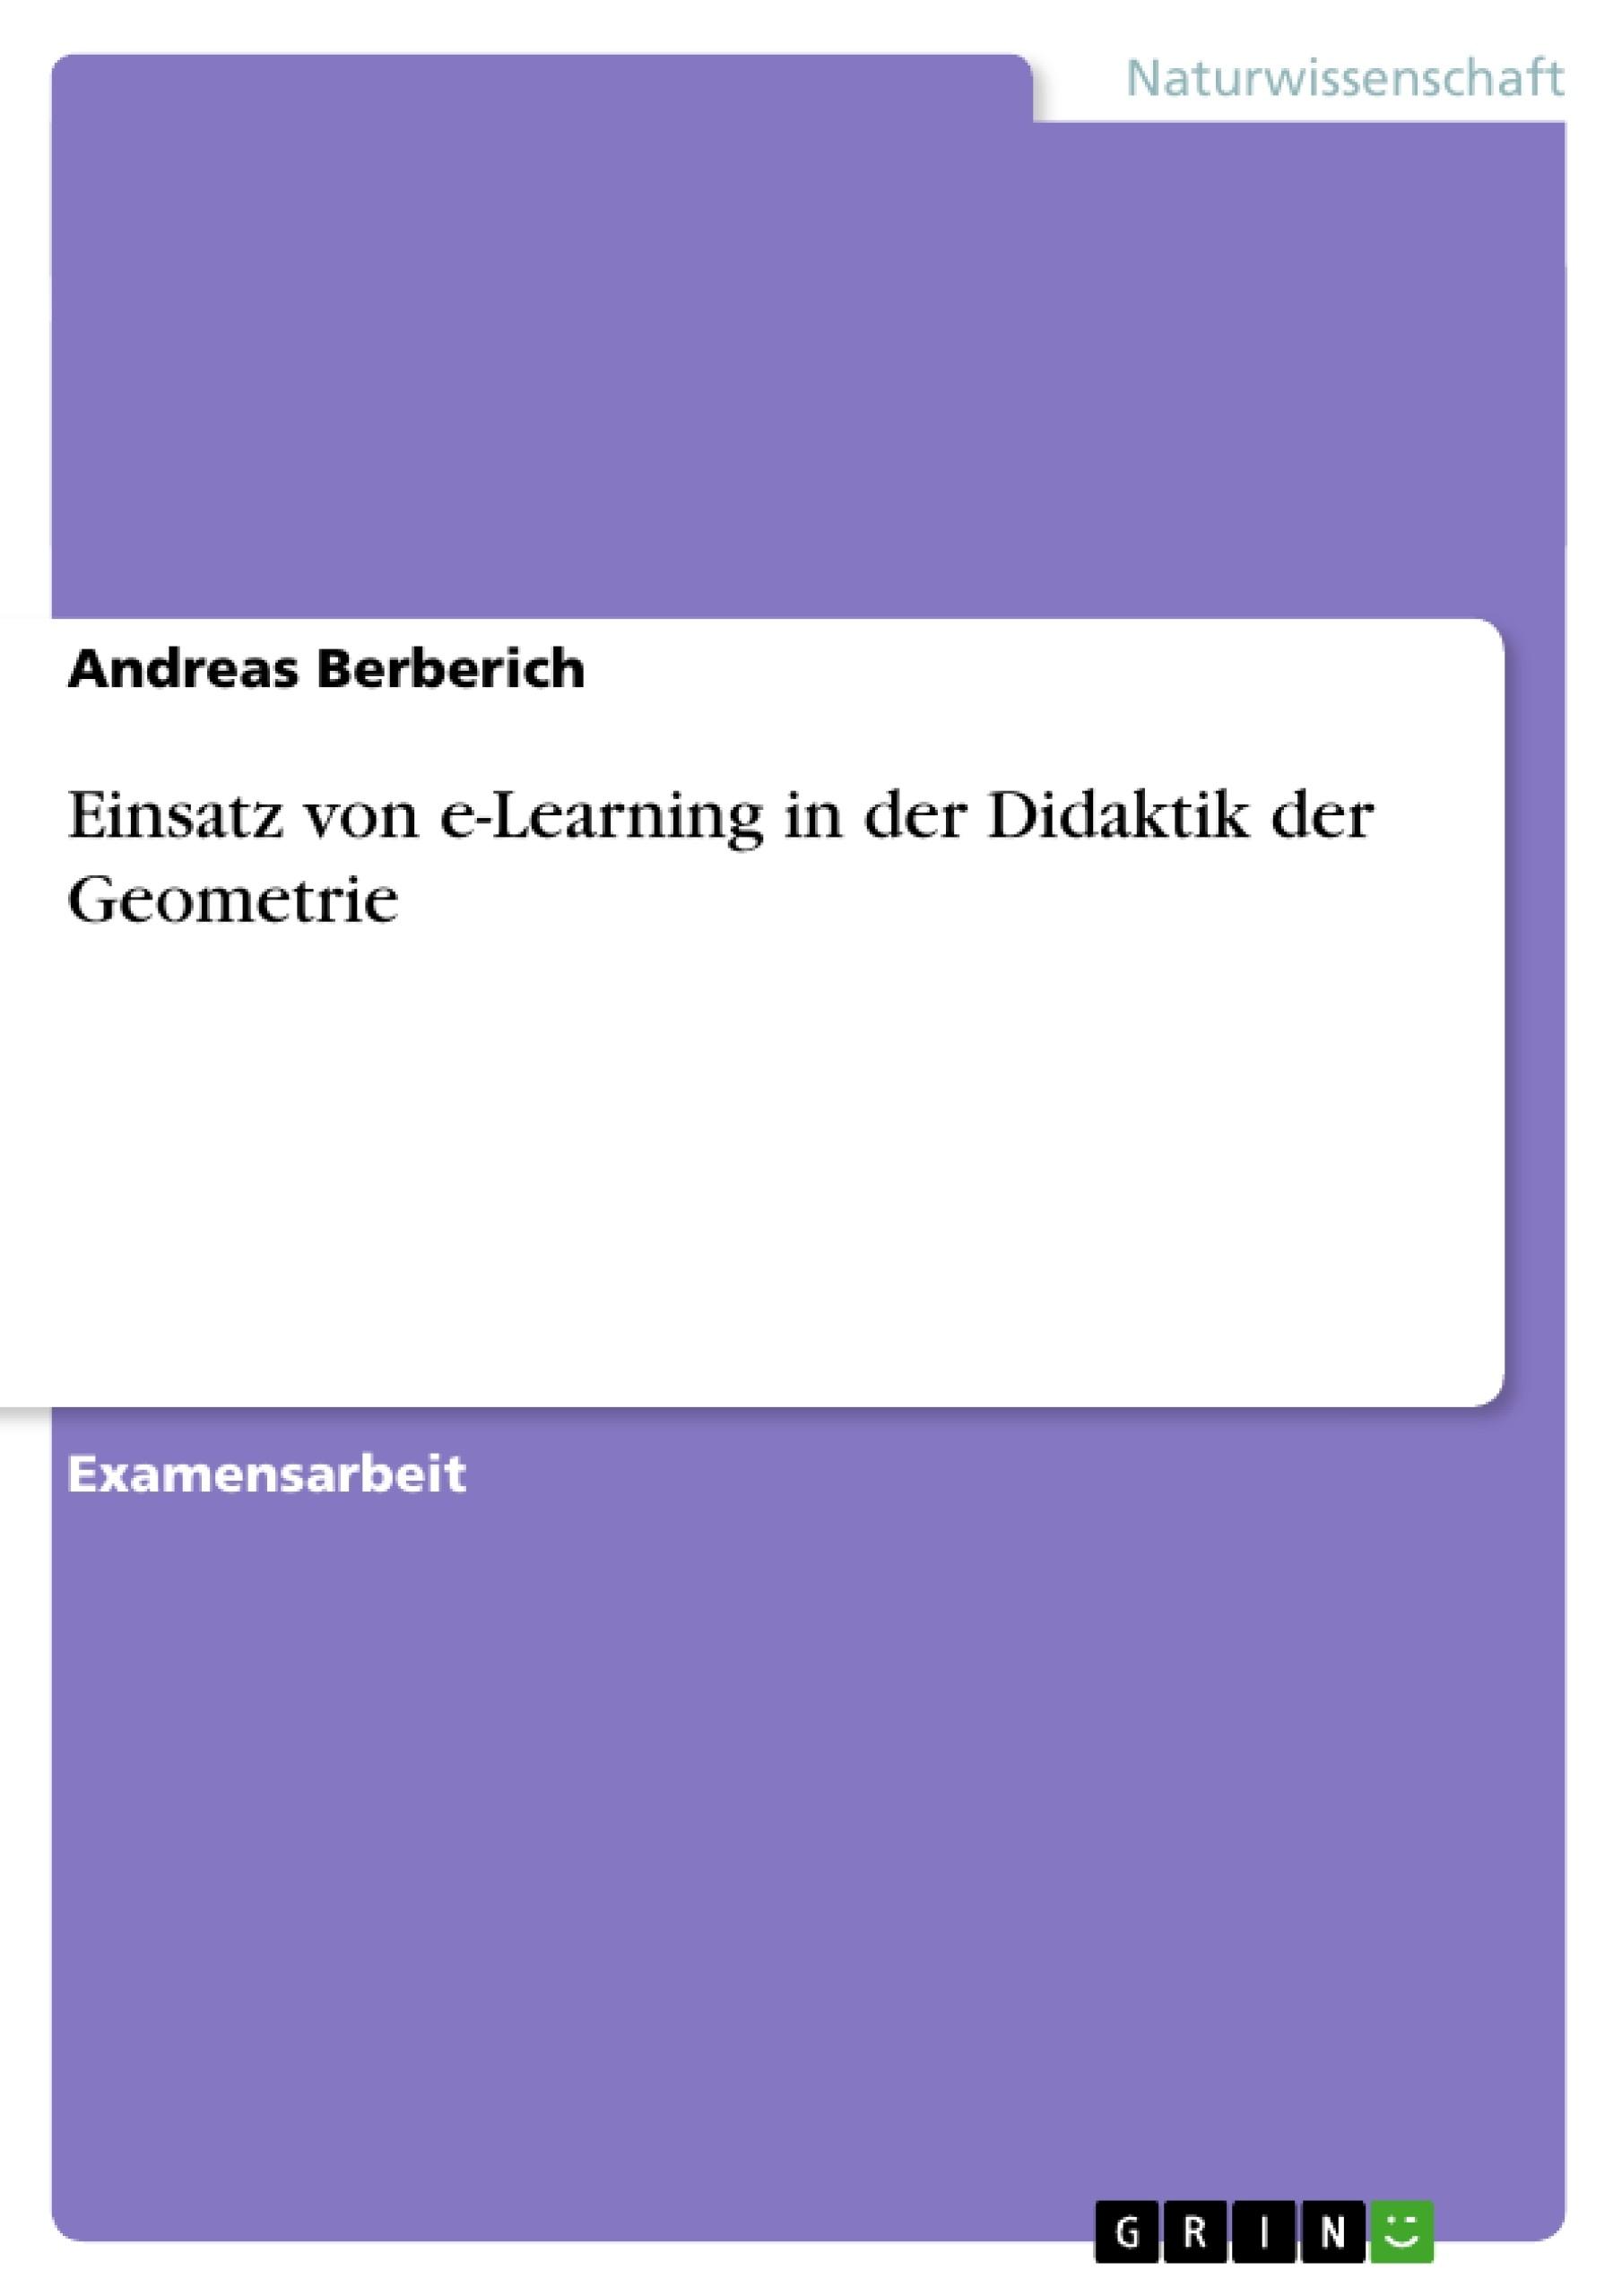 Titel: Einsatz von e-Learning in der Didaktik der Geometrie